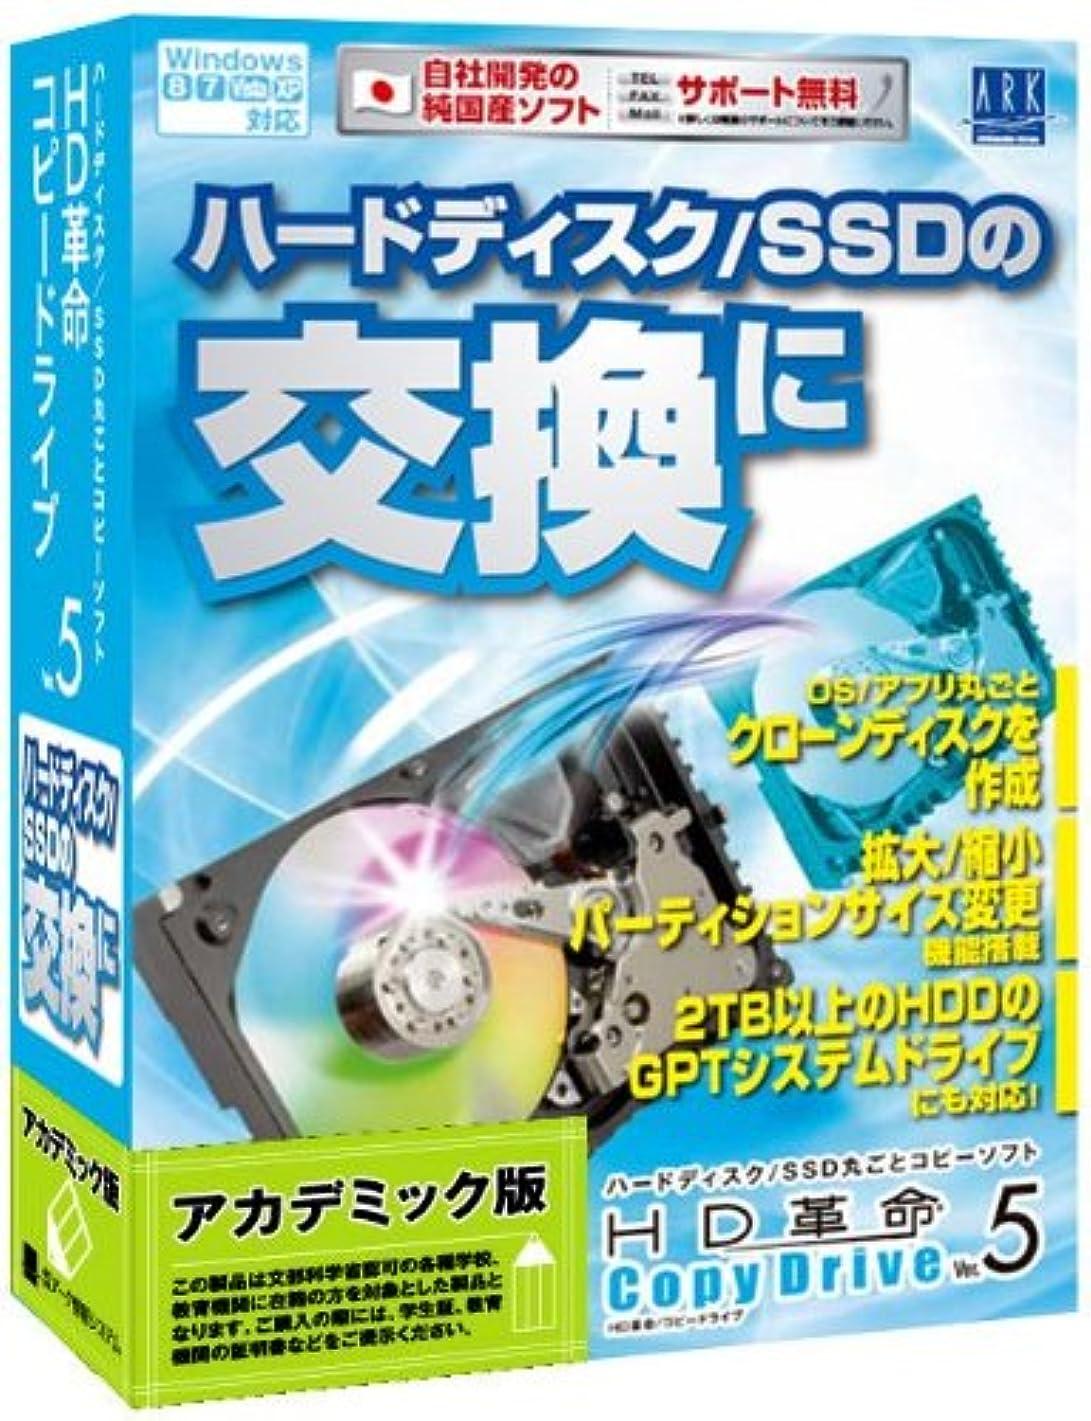 感謝している船外抑圧するHD革命/CopyDrive Ver.5 Windows8対応 AC版